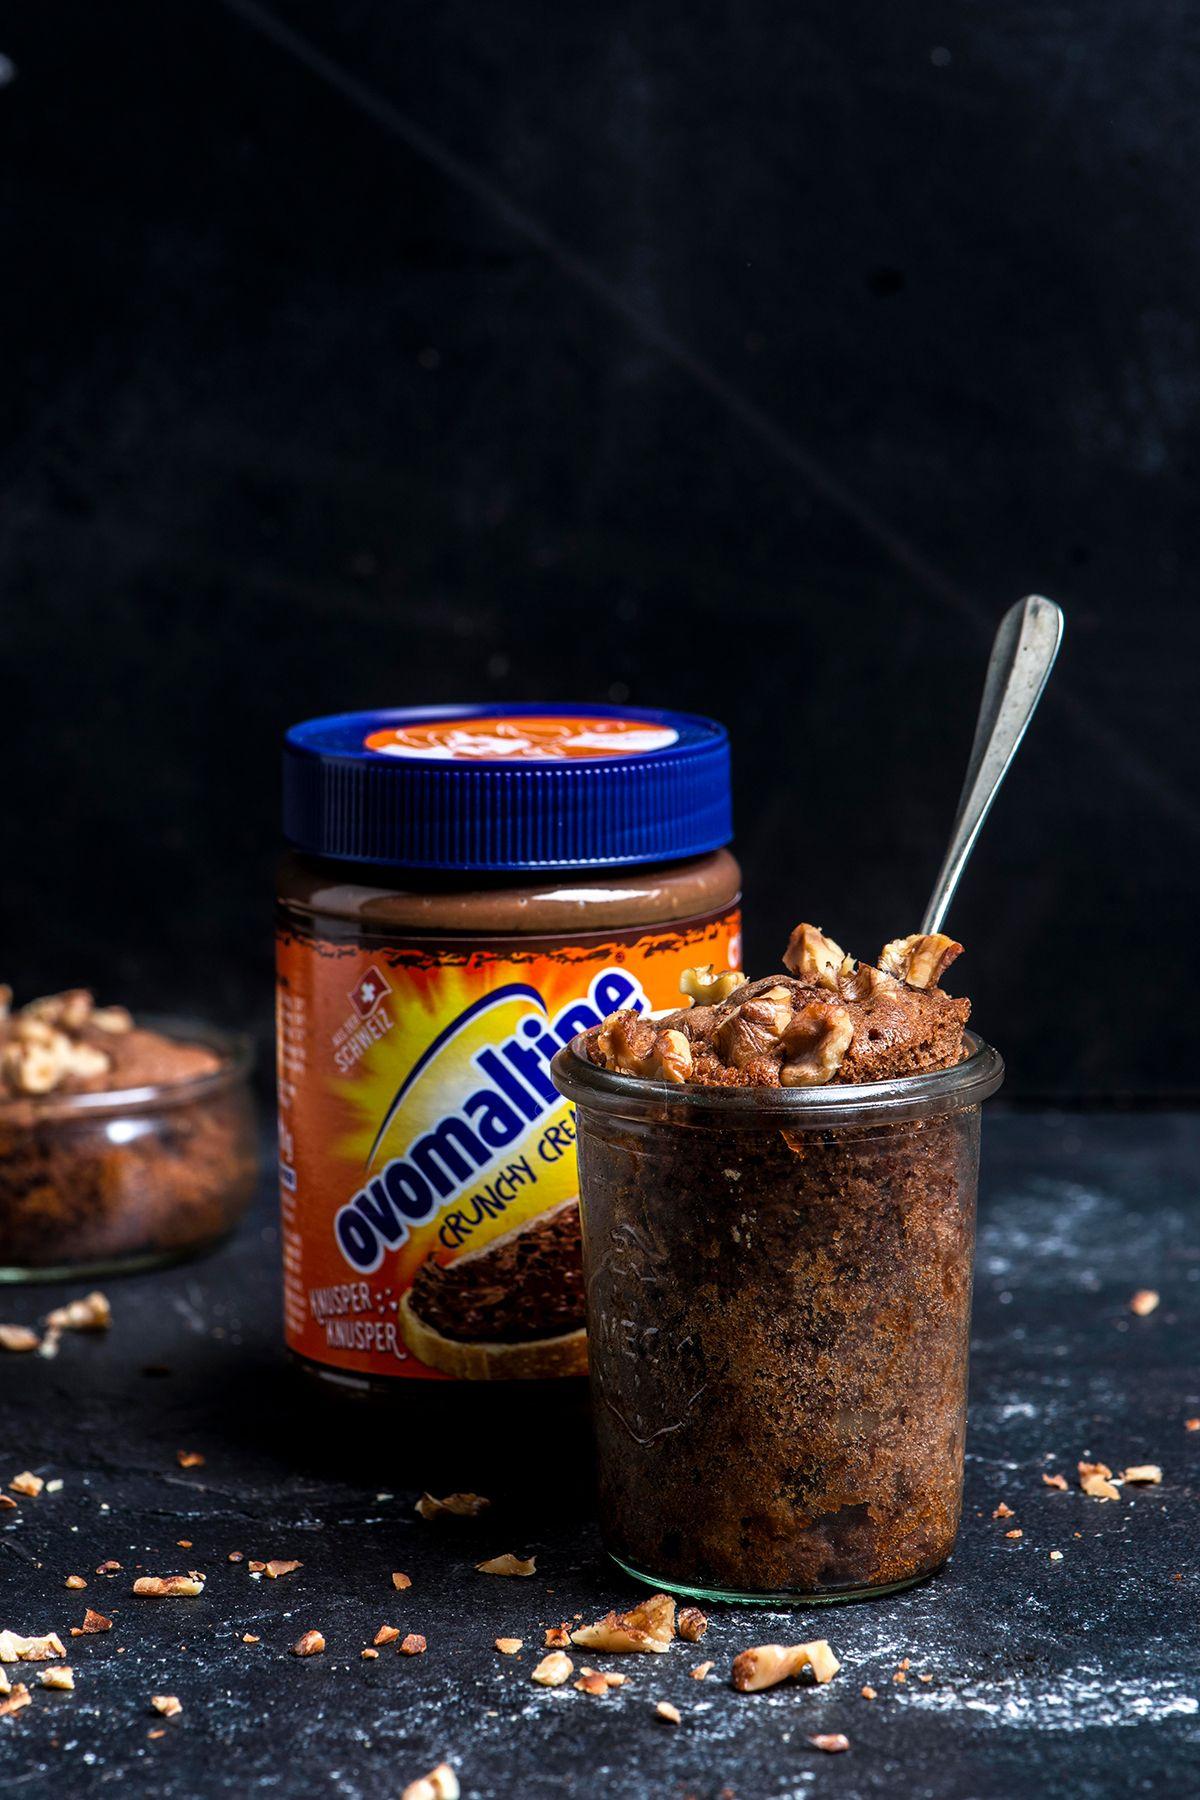 Ovomaltine Hefezopf mit Crunchy-Cream-Füllung   ovomaltine.de